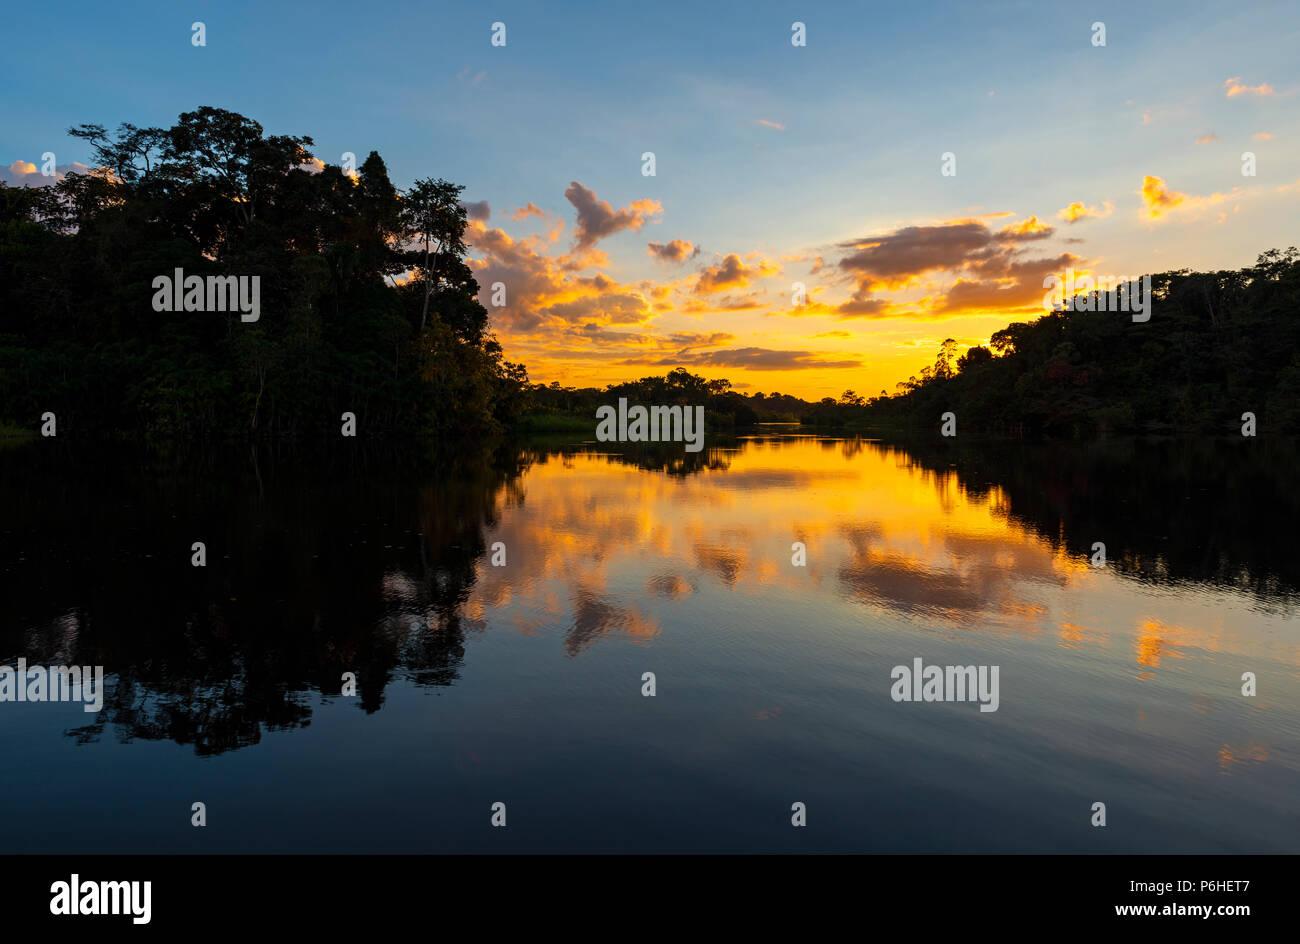 Coucher du soleil avec vue sur la silhouette de la forêt amazonienne à l'intérieur du parc national Yasuni, en Equateur. Photo Stock